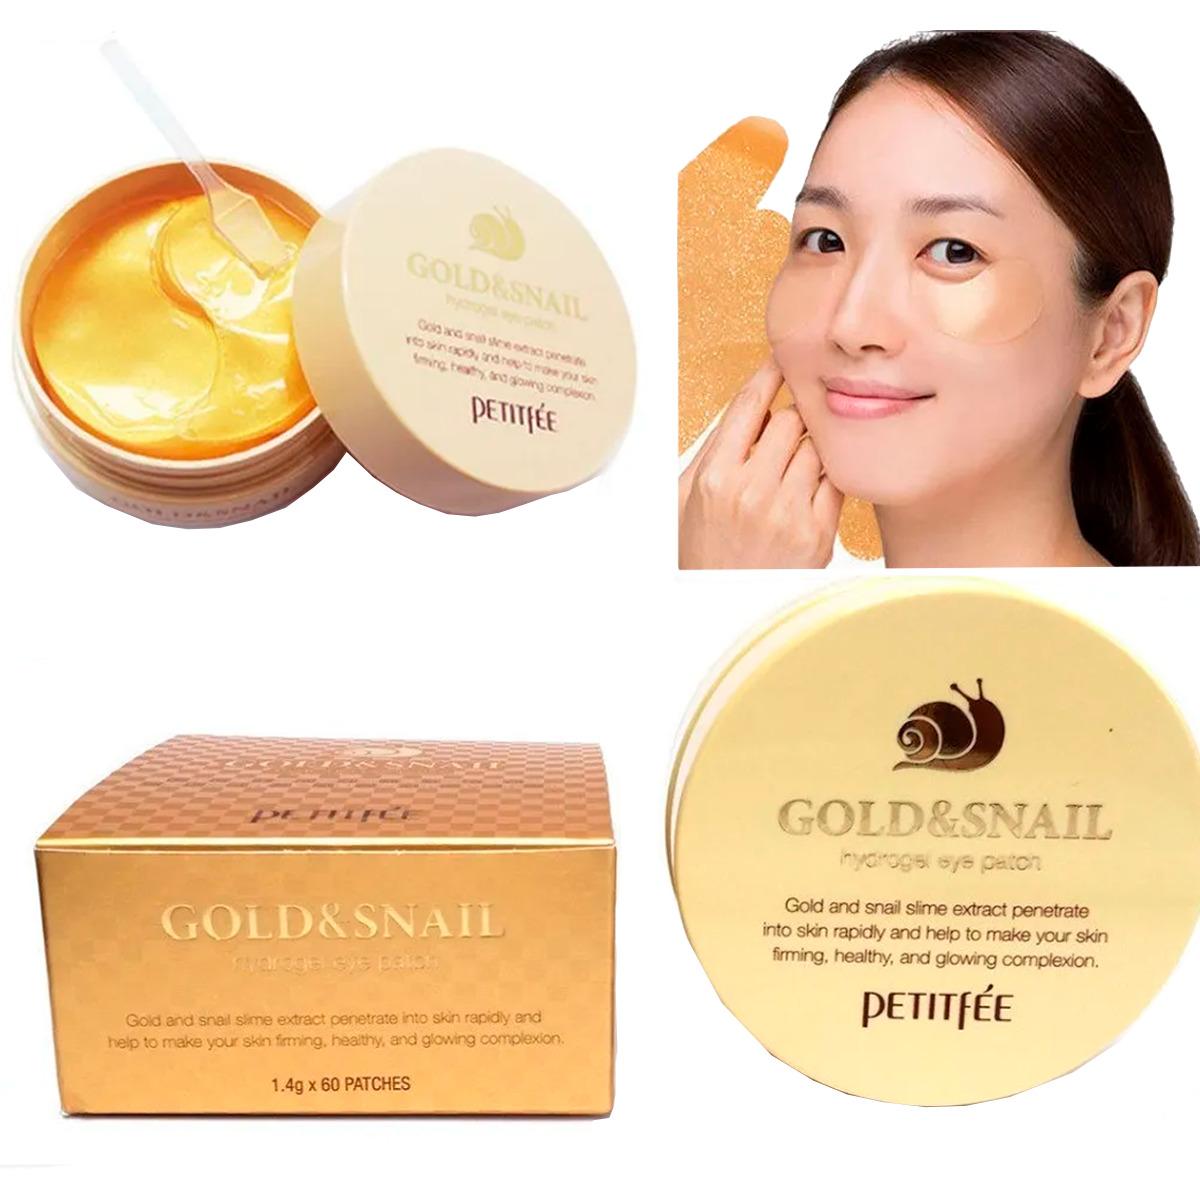 Gold & Snail Hydrogel Eye Patch 60 Petitfée